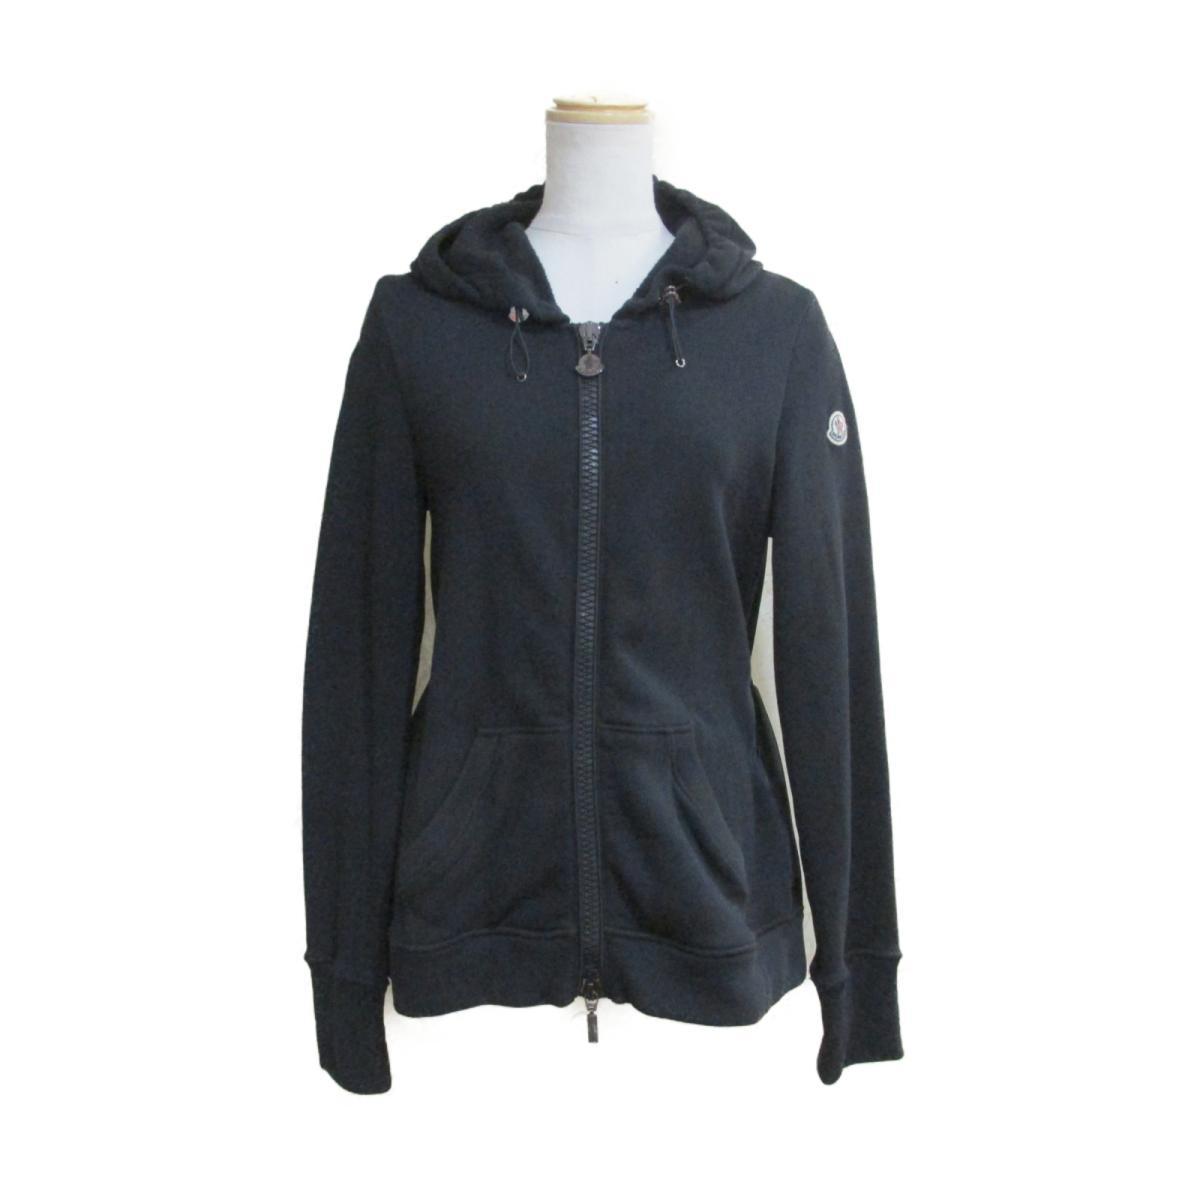 【中古】 モンクレール パーカー ジャケット レディース ナイロン100% コットン100% ブラック | MONCLER BRANDOFF ブランドオフ 衣料品 衣類 ブランド トップス